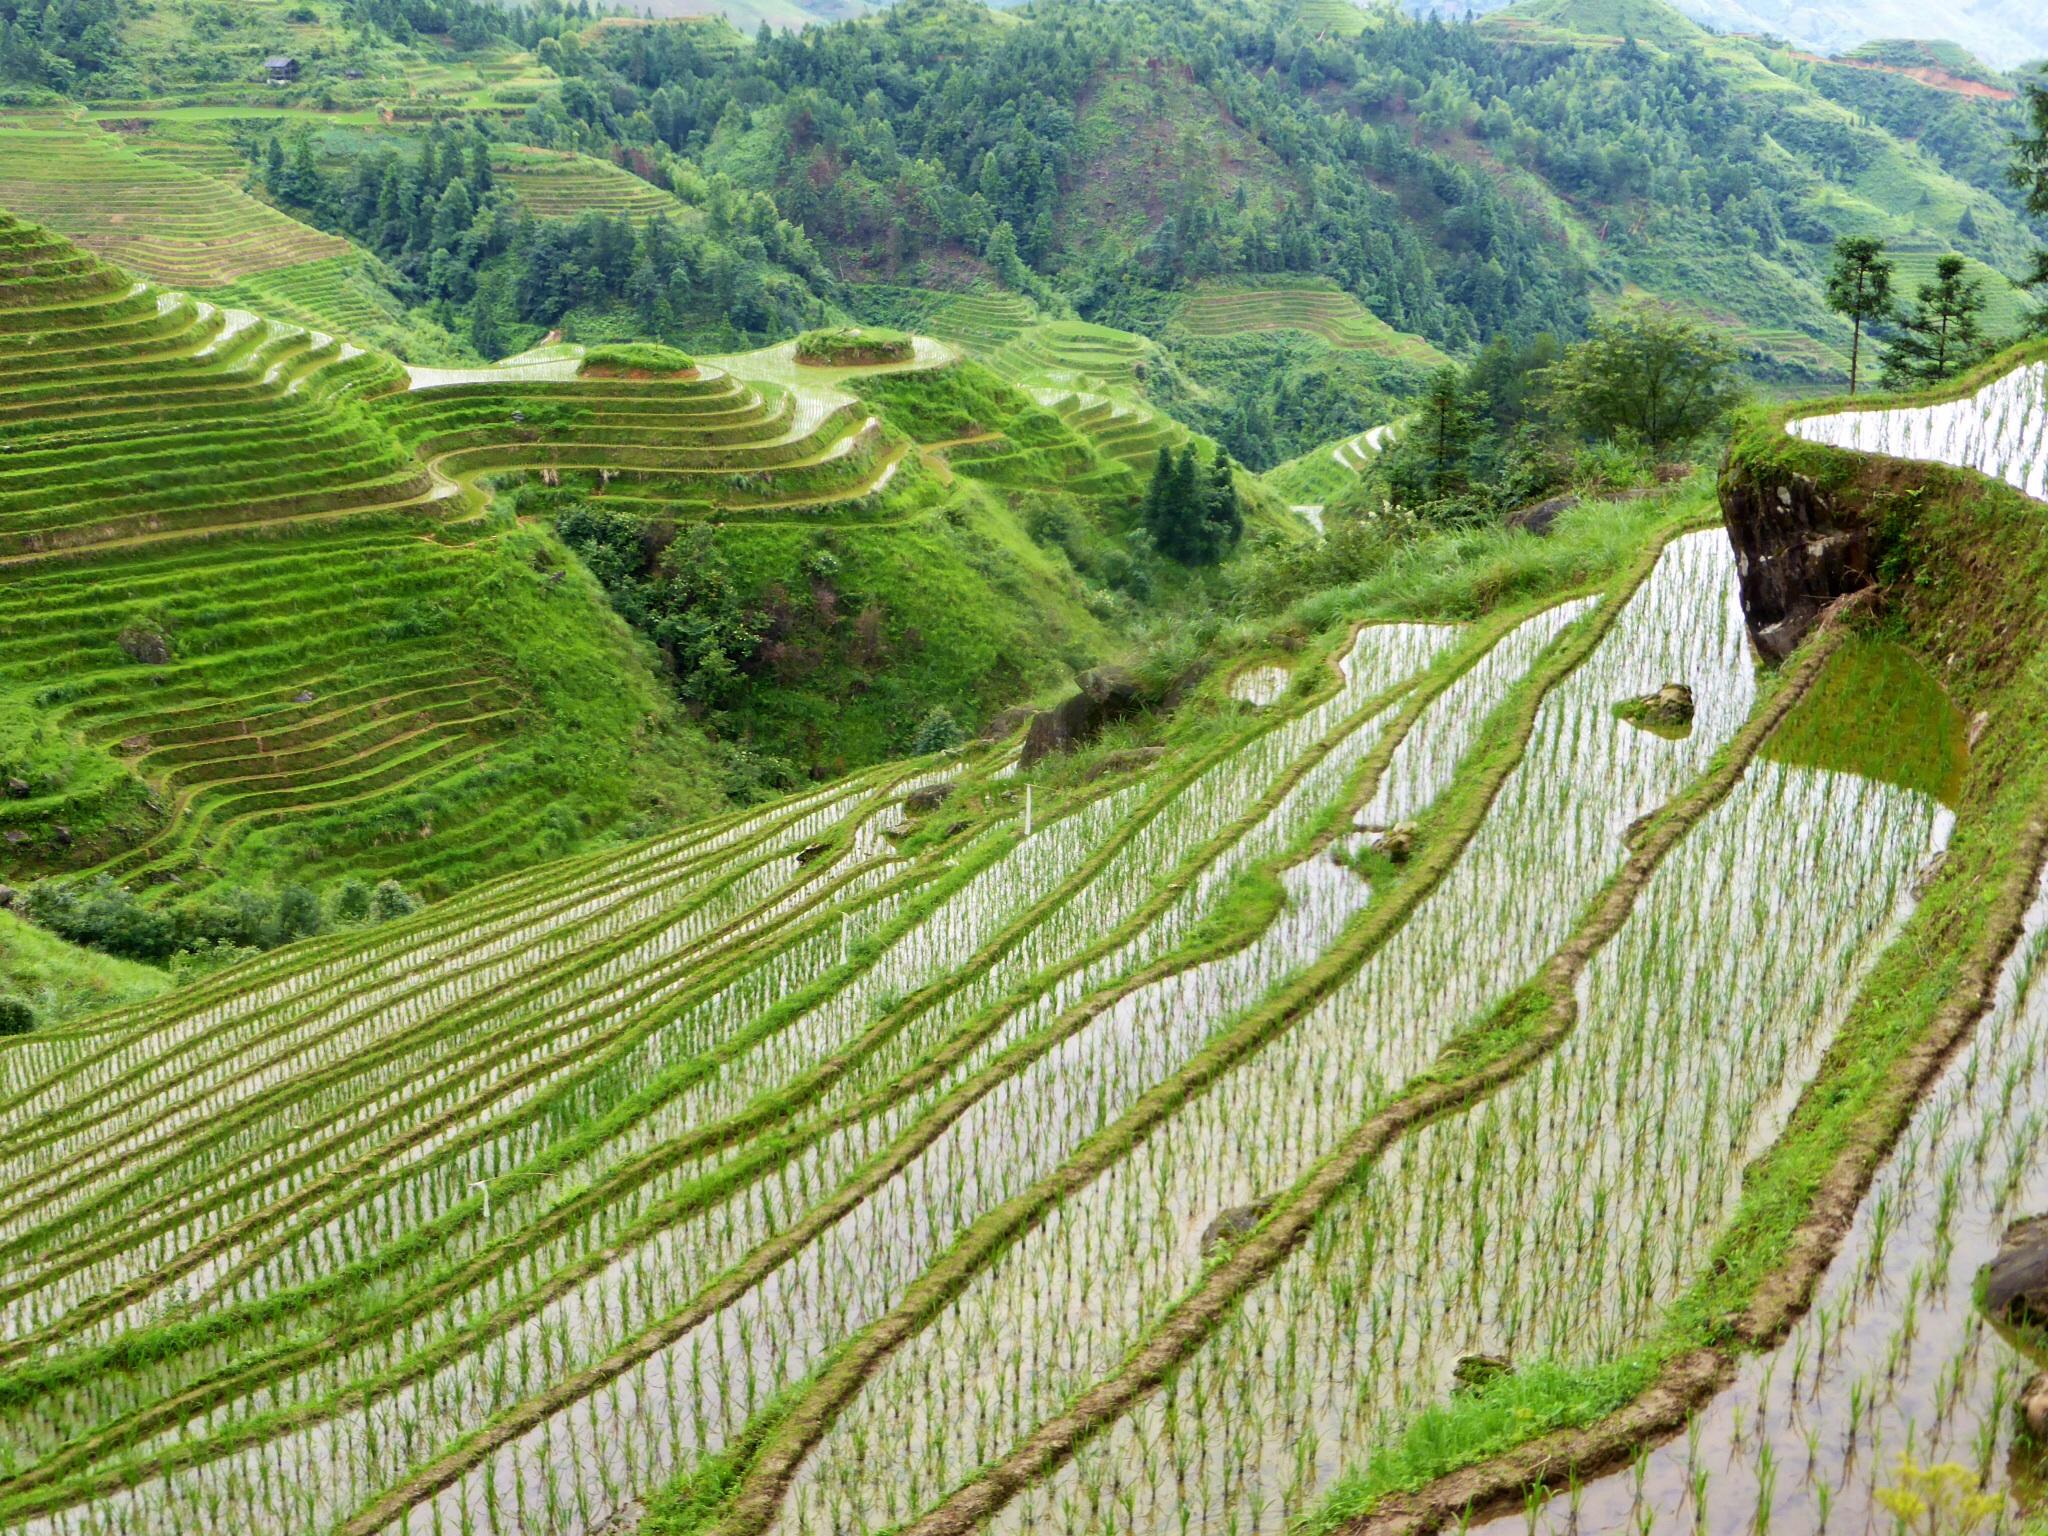 Die Reisterrassen von Longji – grüne Treppenstufen in den Himmel